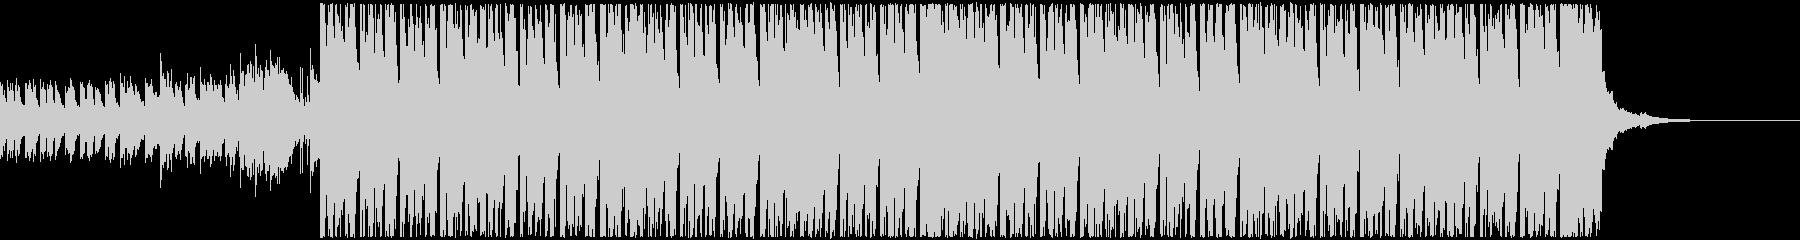 盛り上がるクラブ系ダンスミュージック Mの未再生の波形